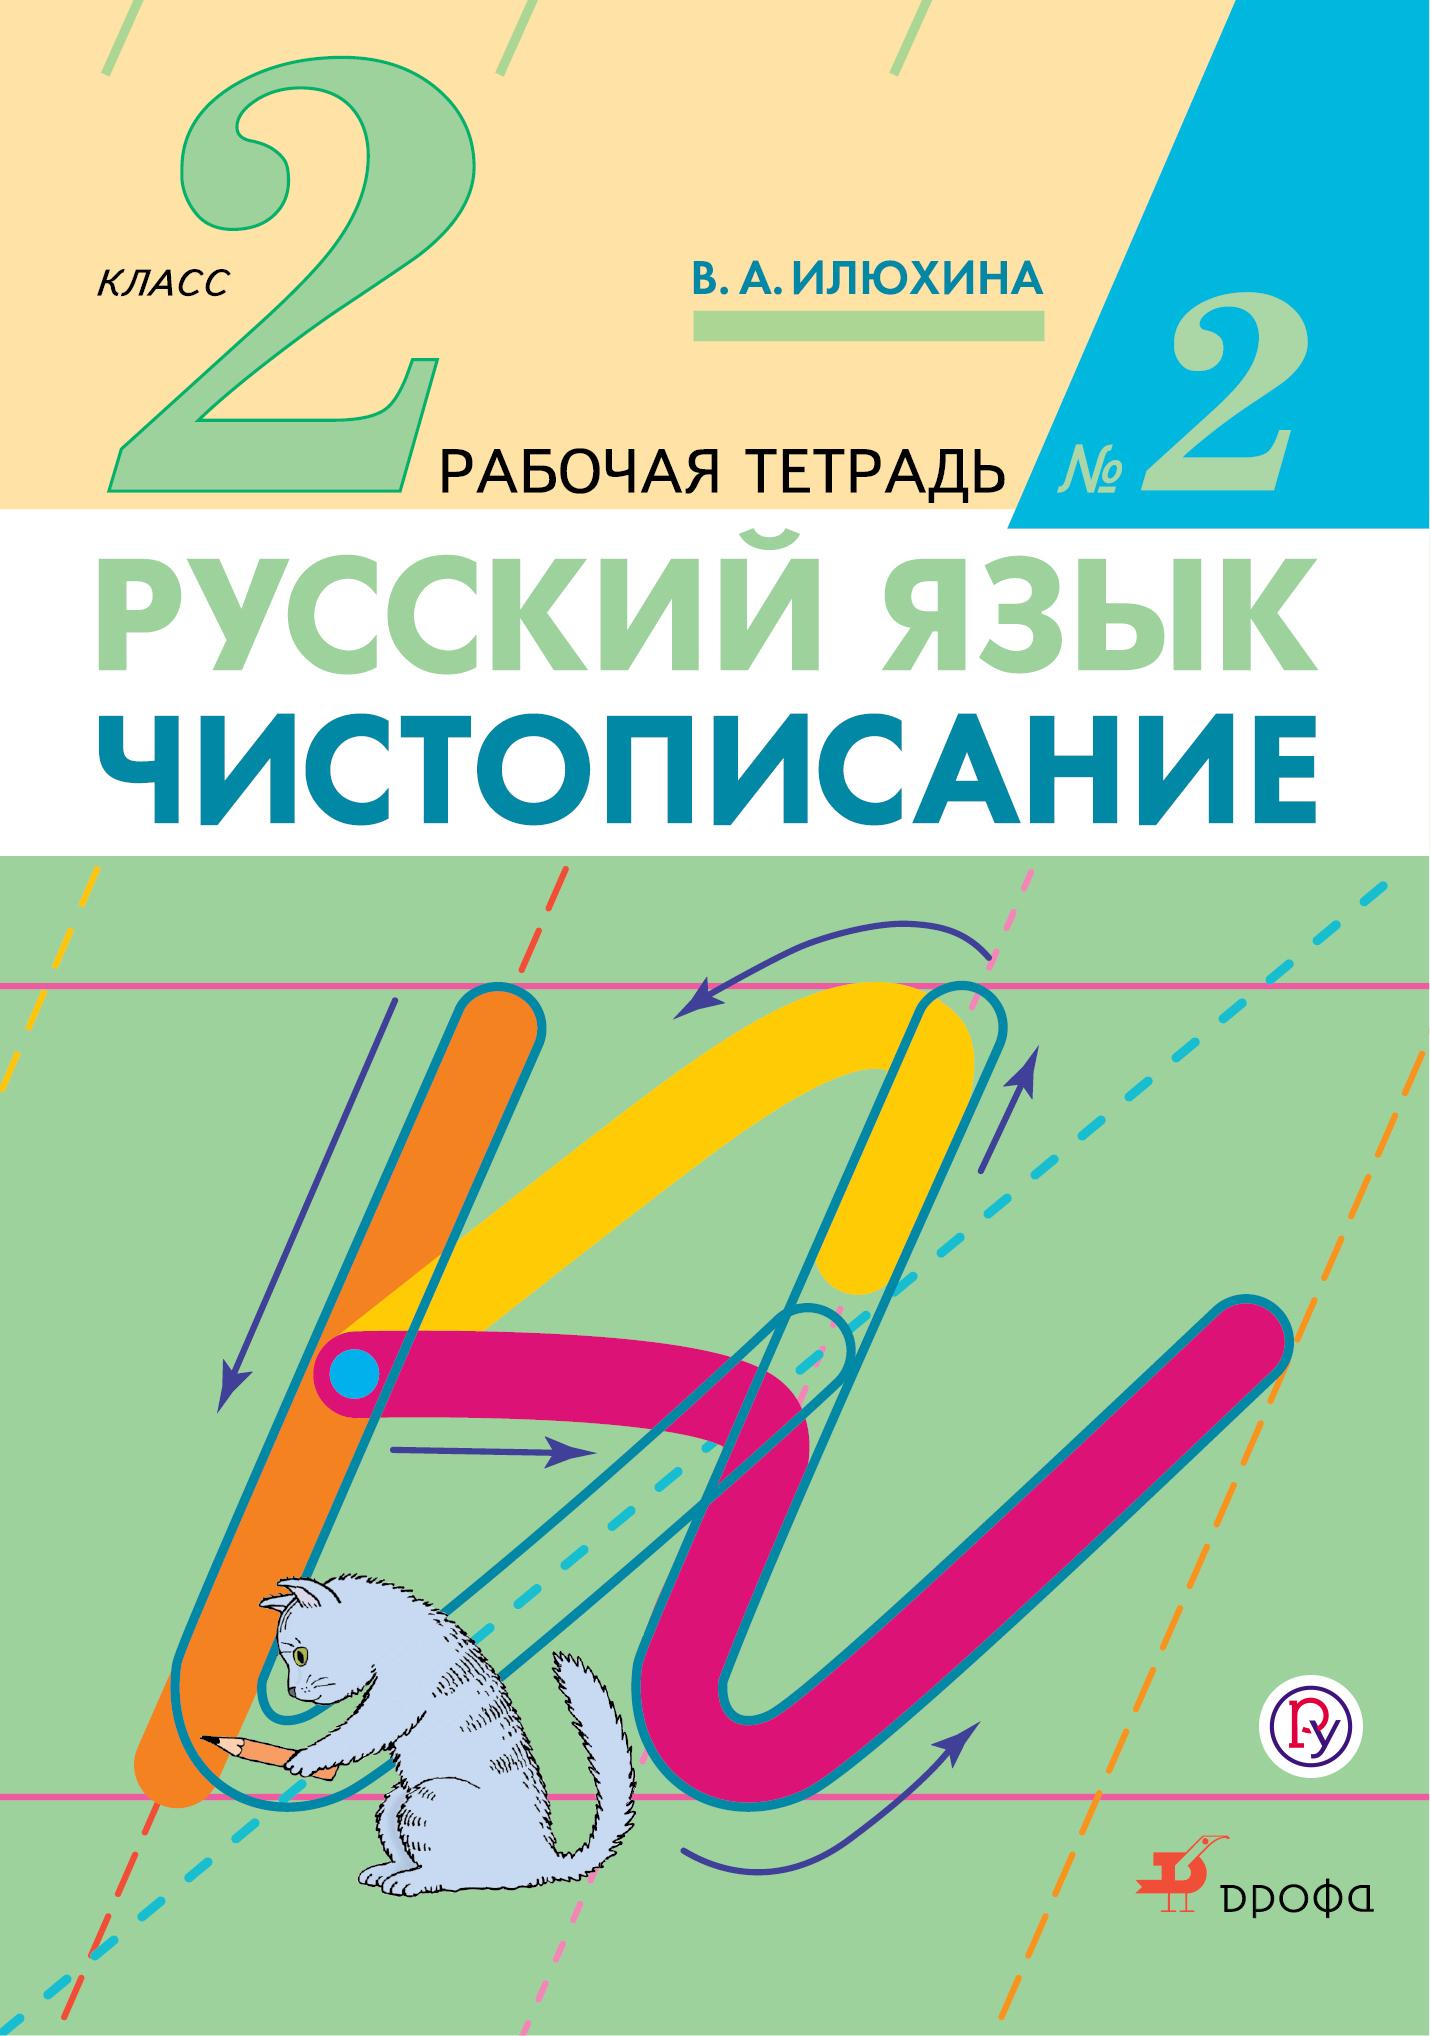 Русский язык. Чистописание. 2 класс. Рабочая тетрадь № 2